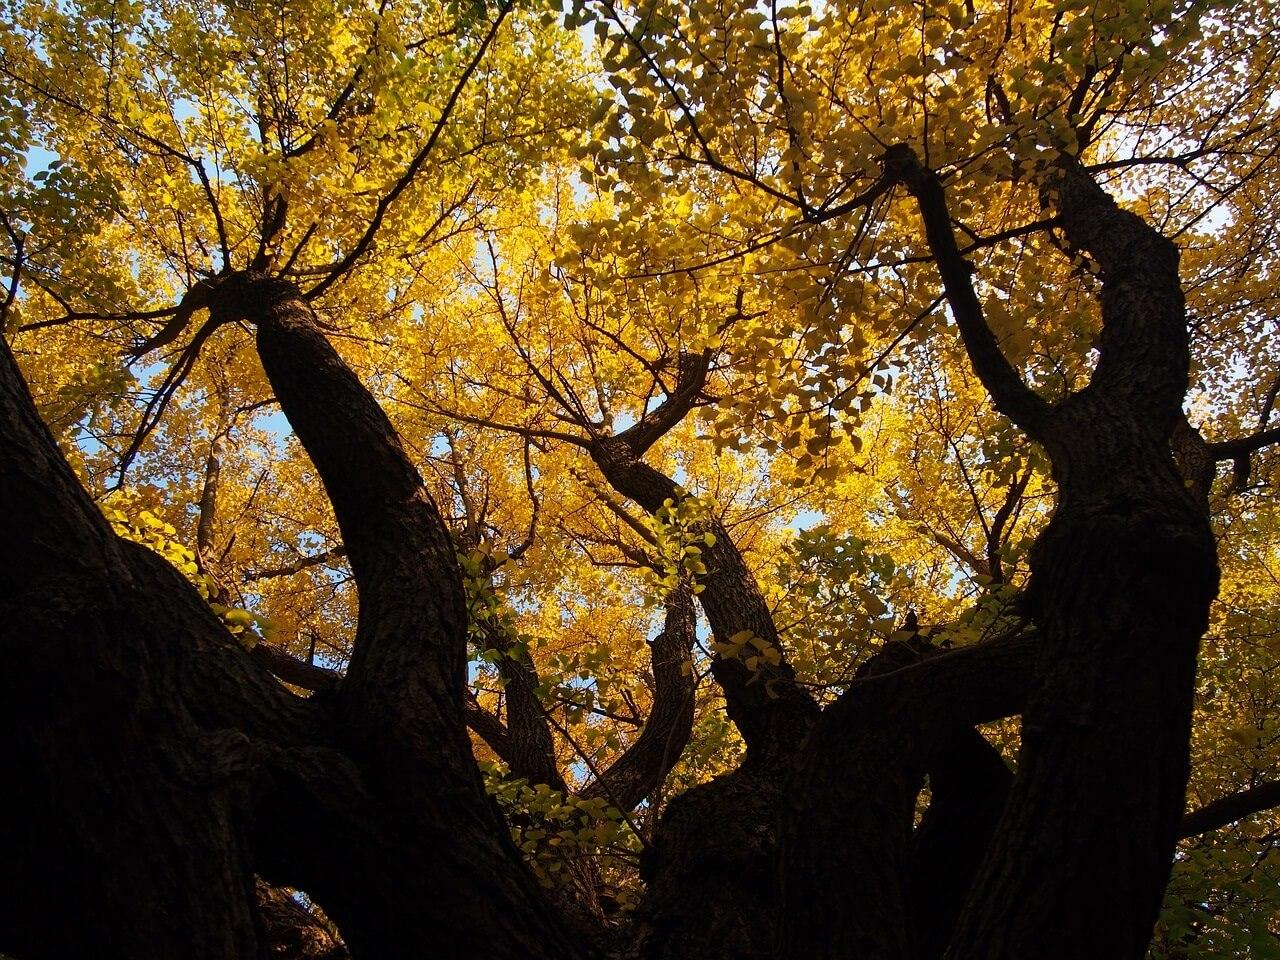 უძველესი სახეობის თითქმის უკვდავი ხეების დღეგრძელობის საიდუმლო ამოხსნილია